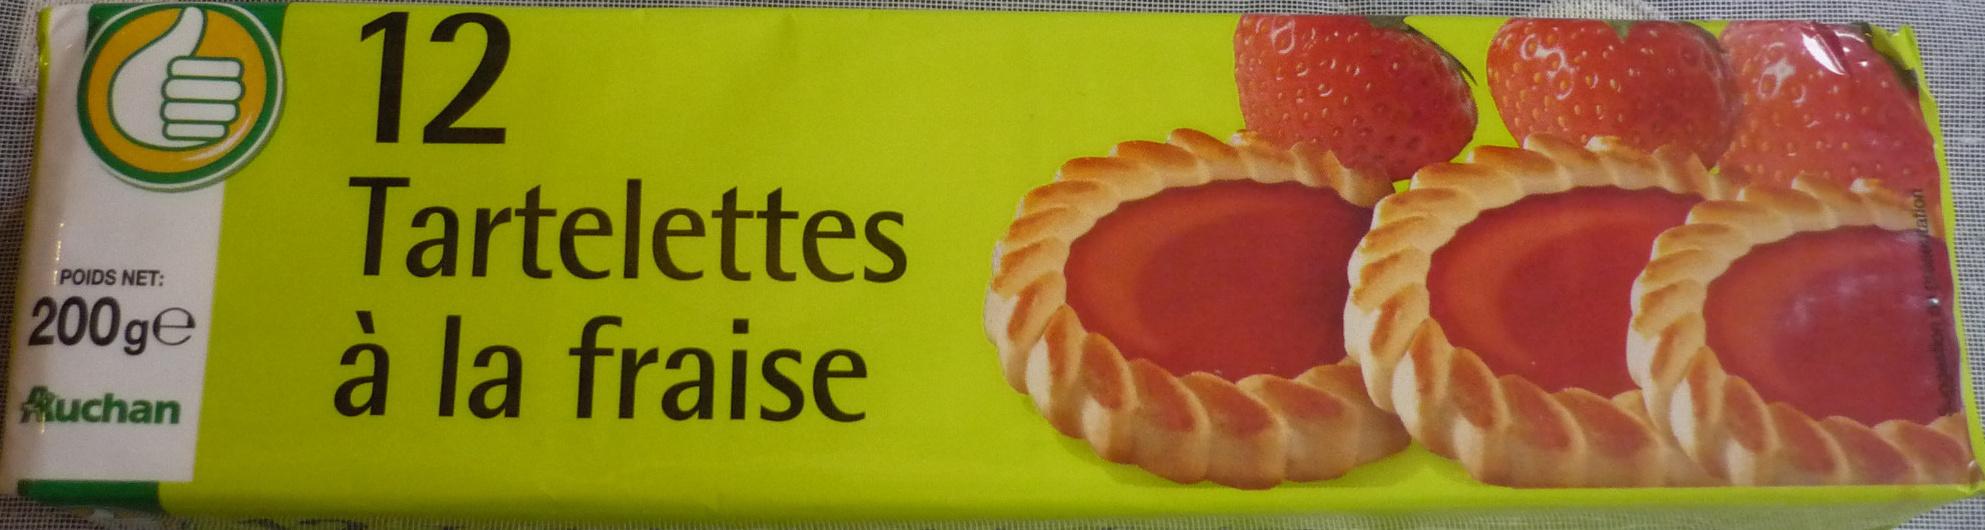 12 Tartelettes à la fraise - Produit